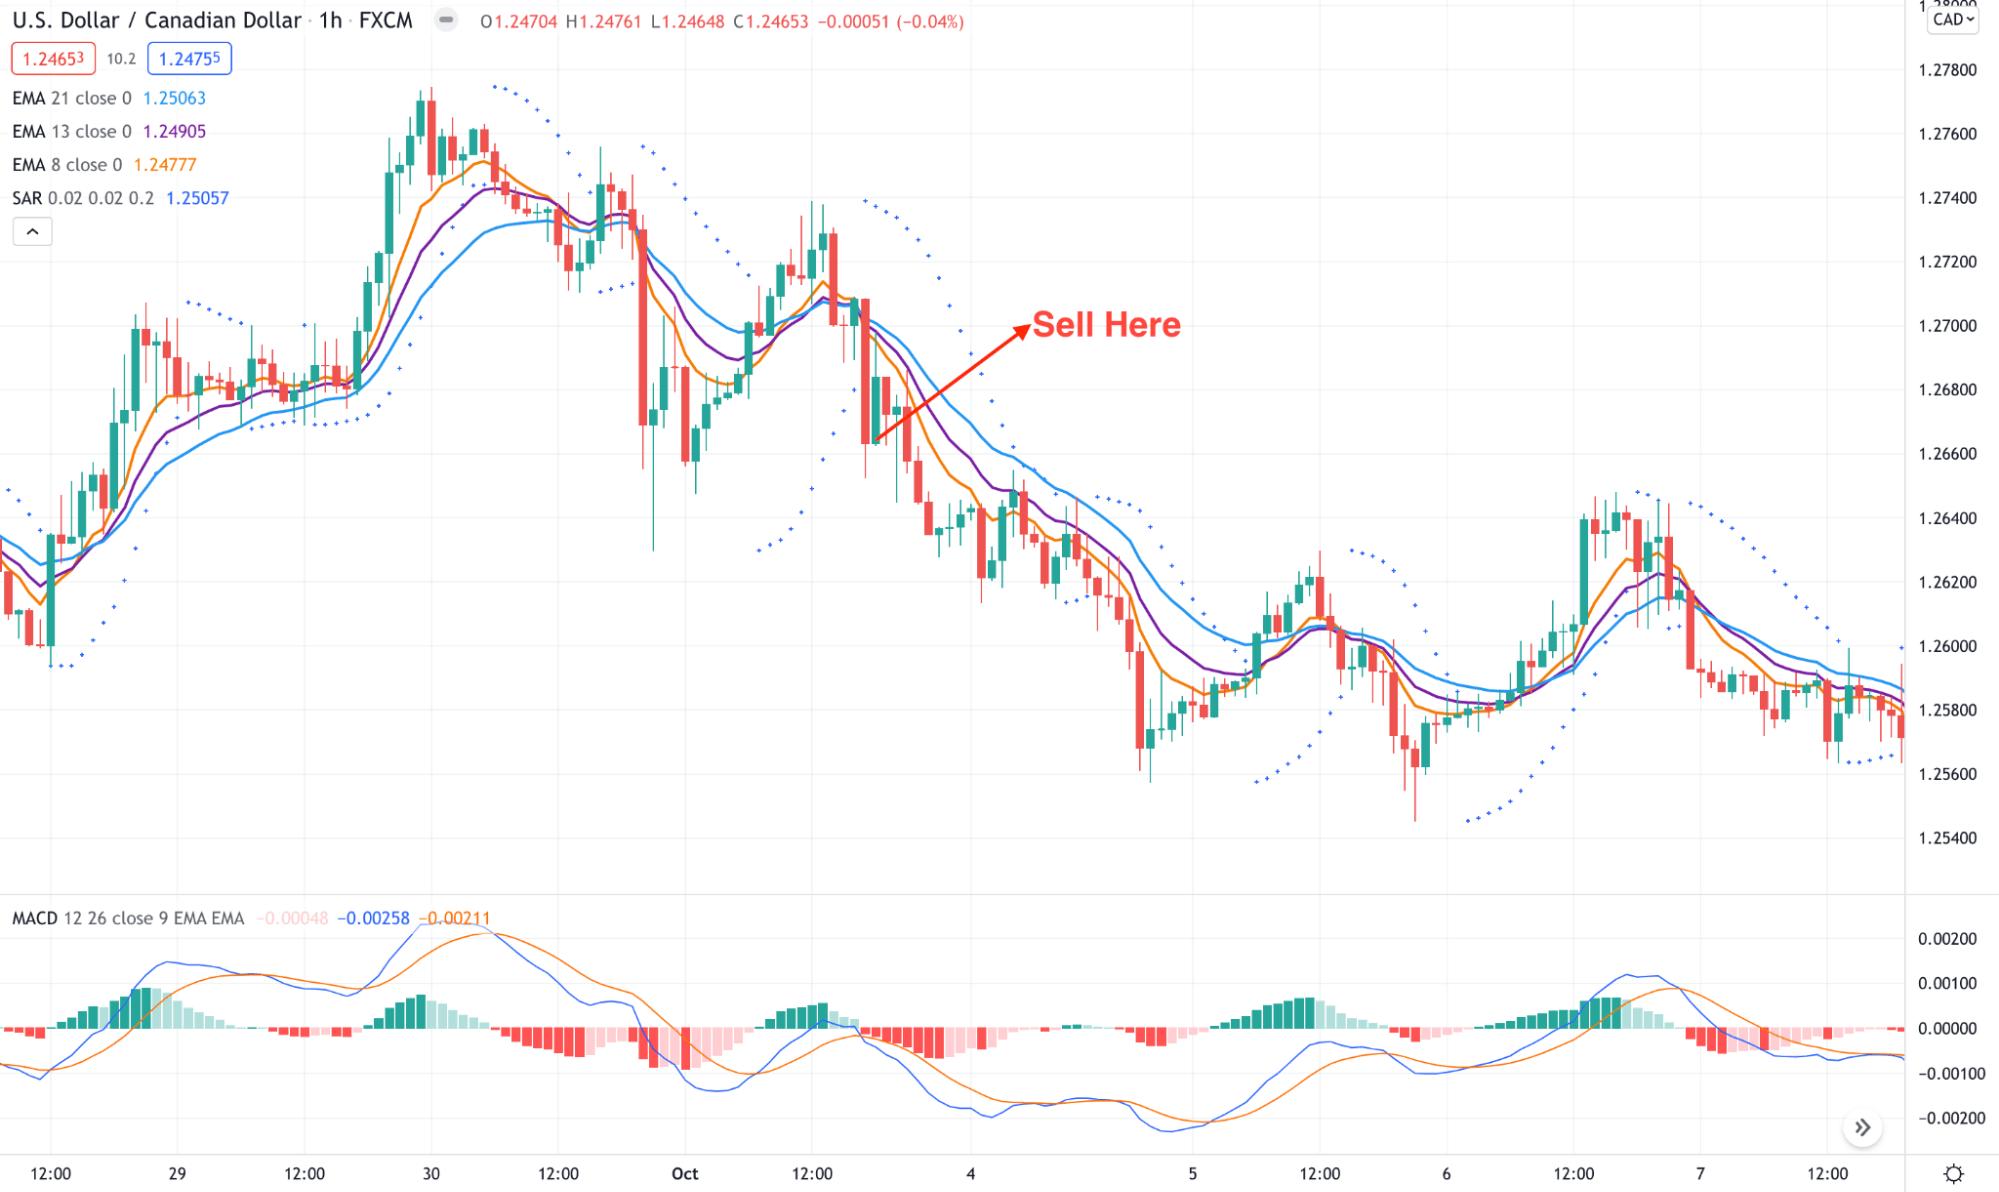 USD/CAD D1 chart